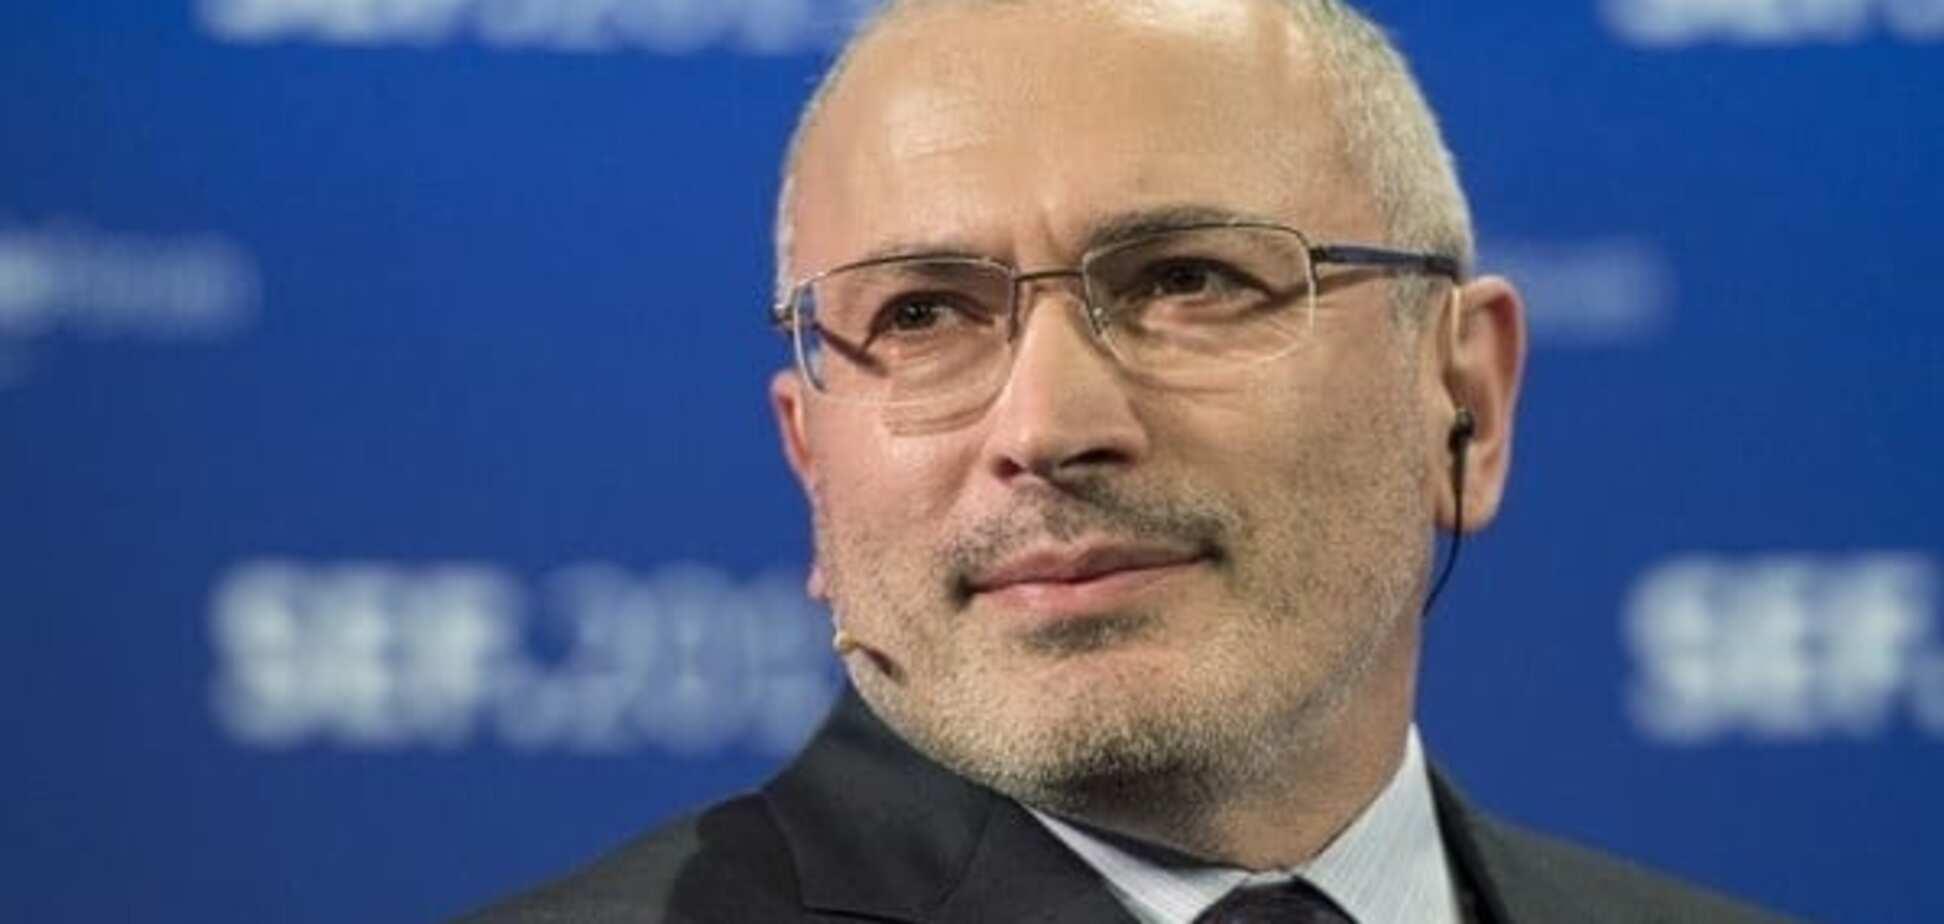 Машина репресій запрацювала: в Росії Ходорковського звинуватили у 'вбивстві'